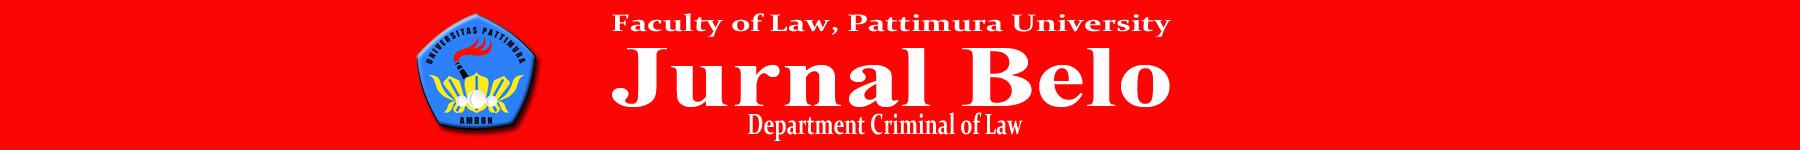 cover jurnal JURNAL BELO